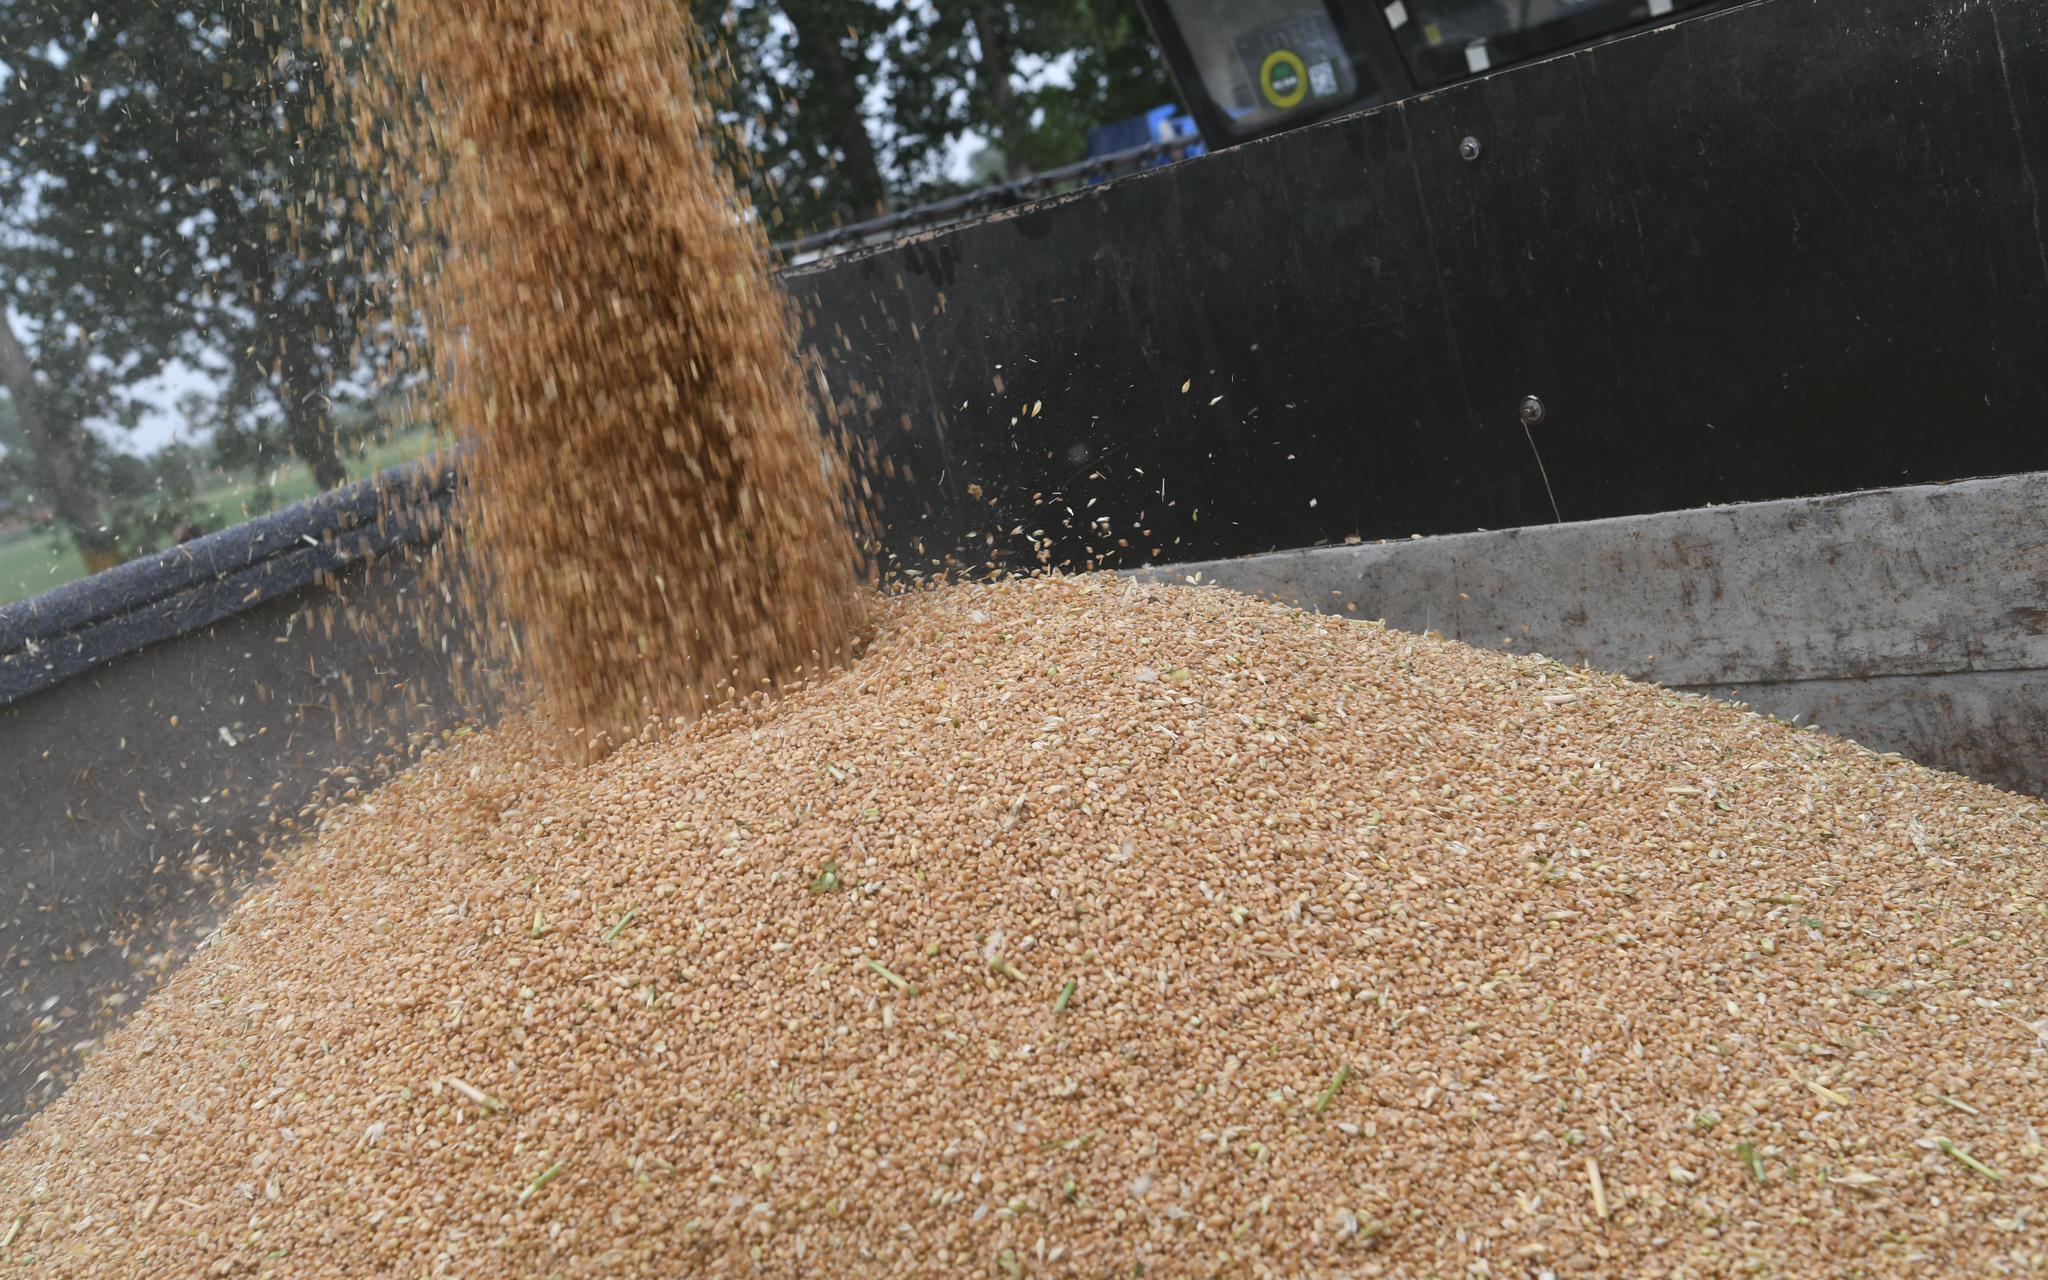 今年小麦收购价微涨 专家:市场供给充足 居民无需囤粮大佳源采购网